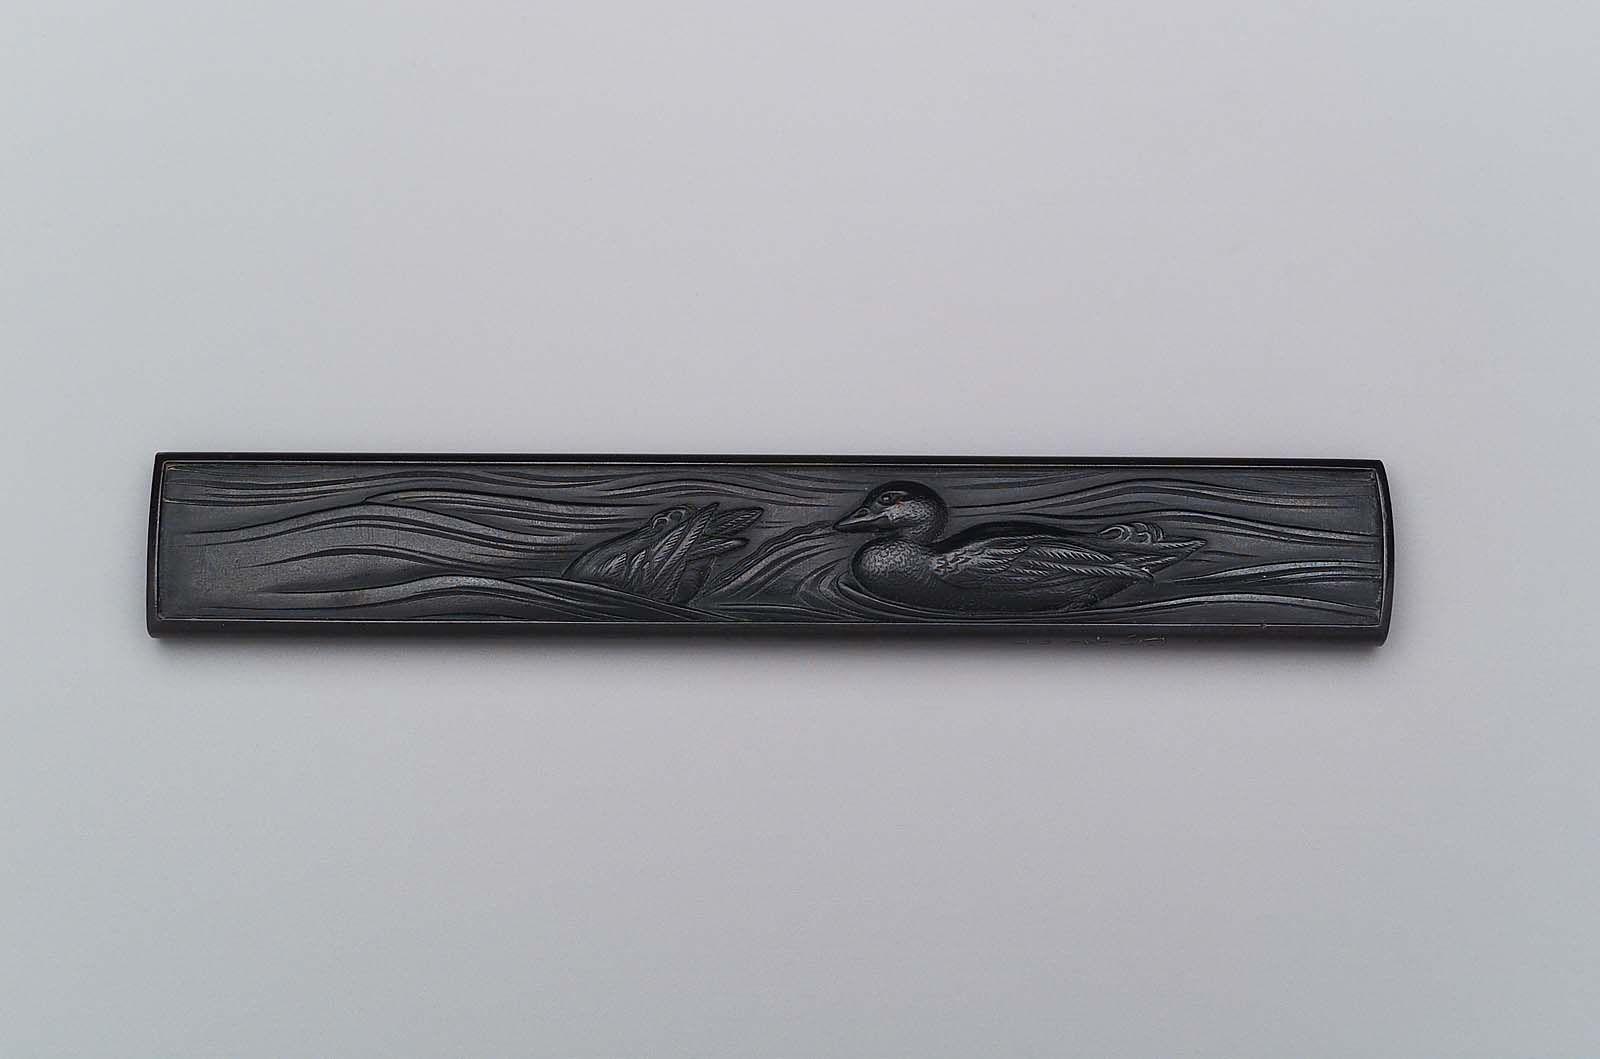 Kozuka with design of ducks and water nakagaki motohiro